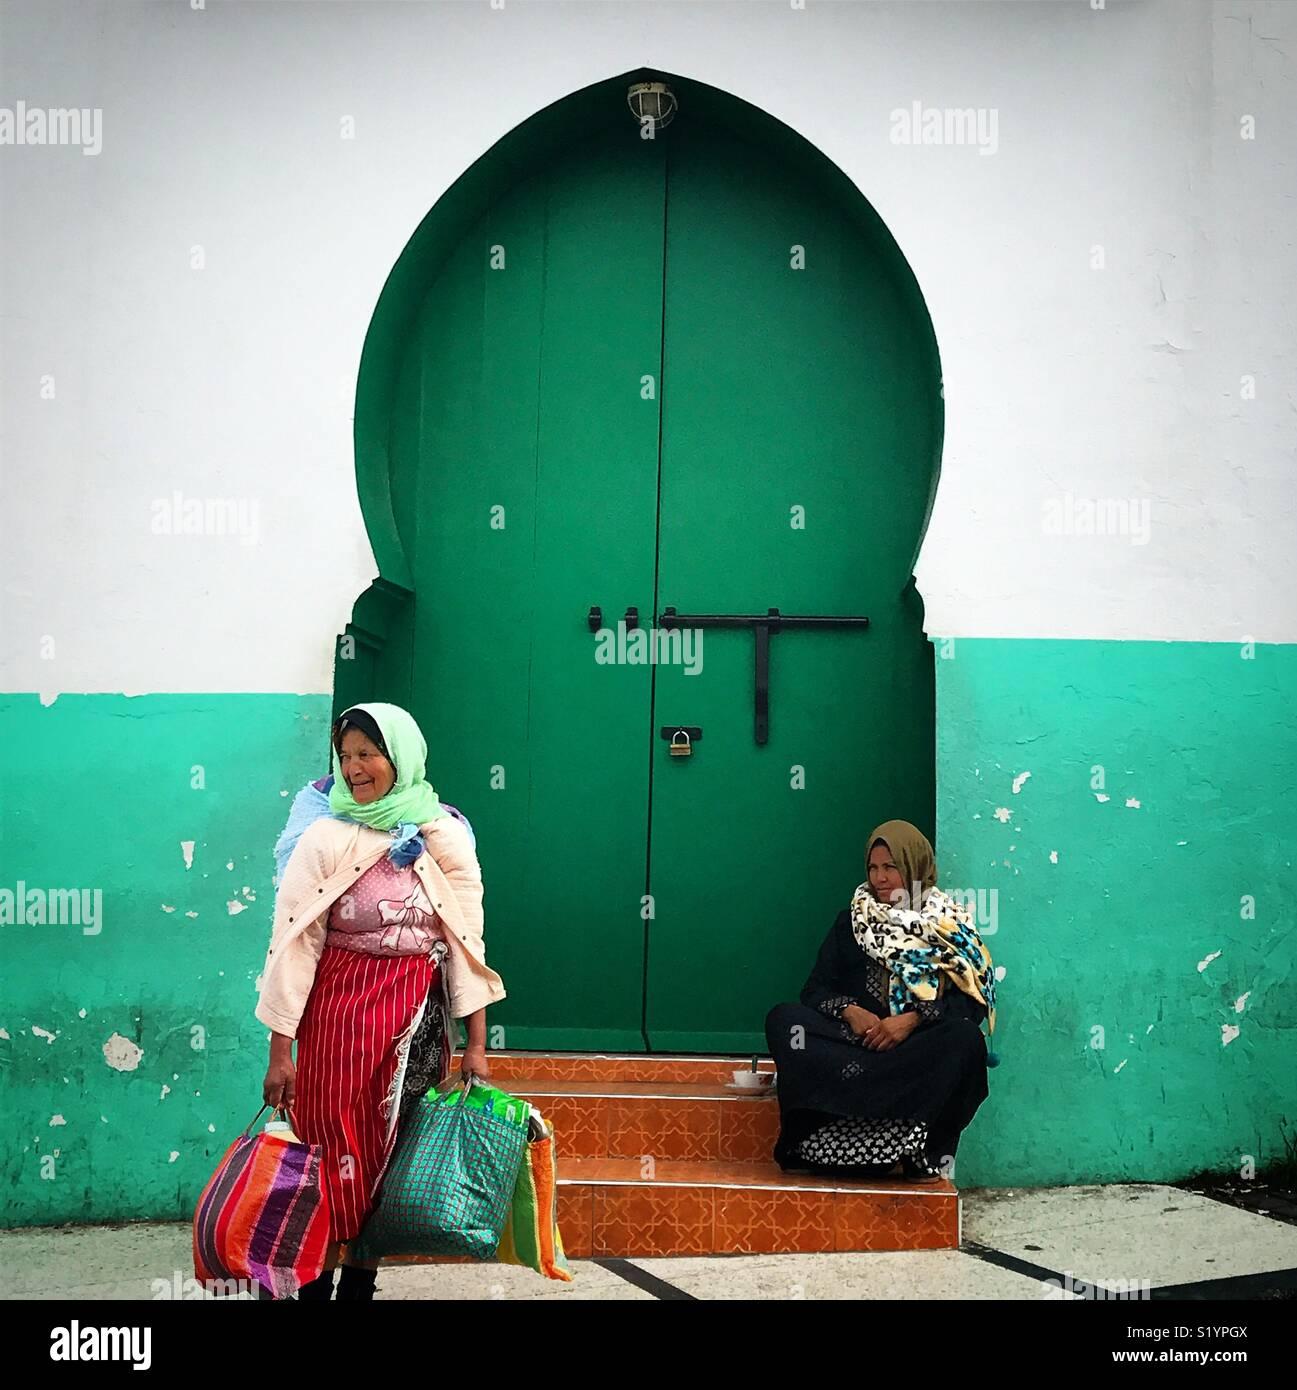 Les femmes marocaines s'asseoir en face d'une porte verte à Tanger, Maroc, Afrique Photo Stock